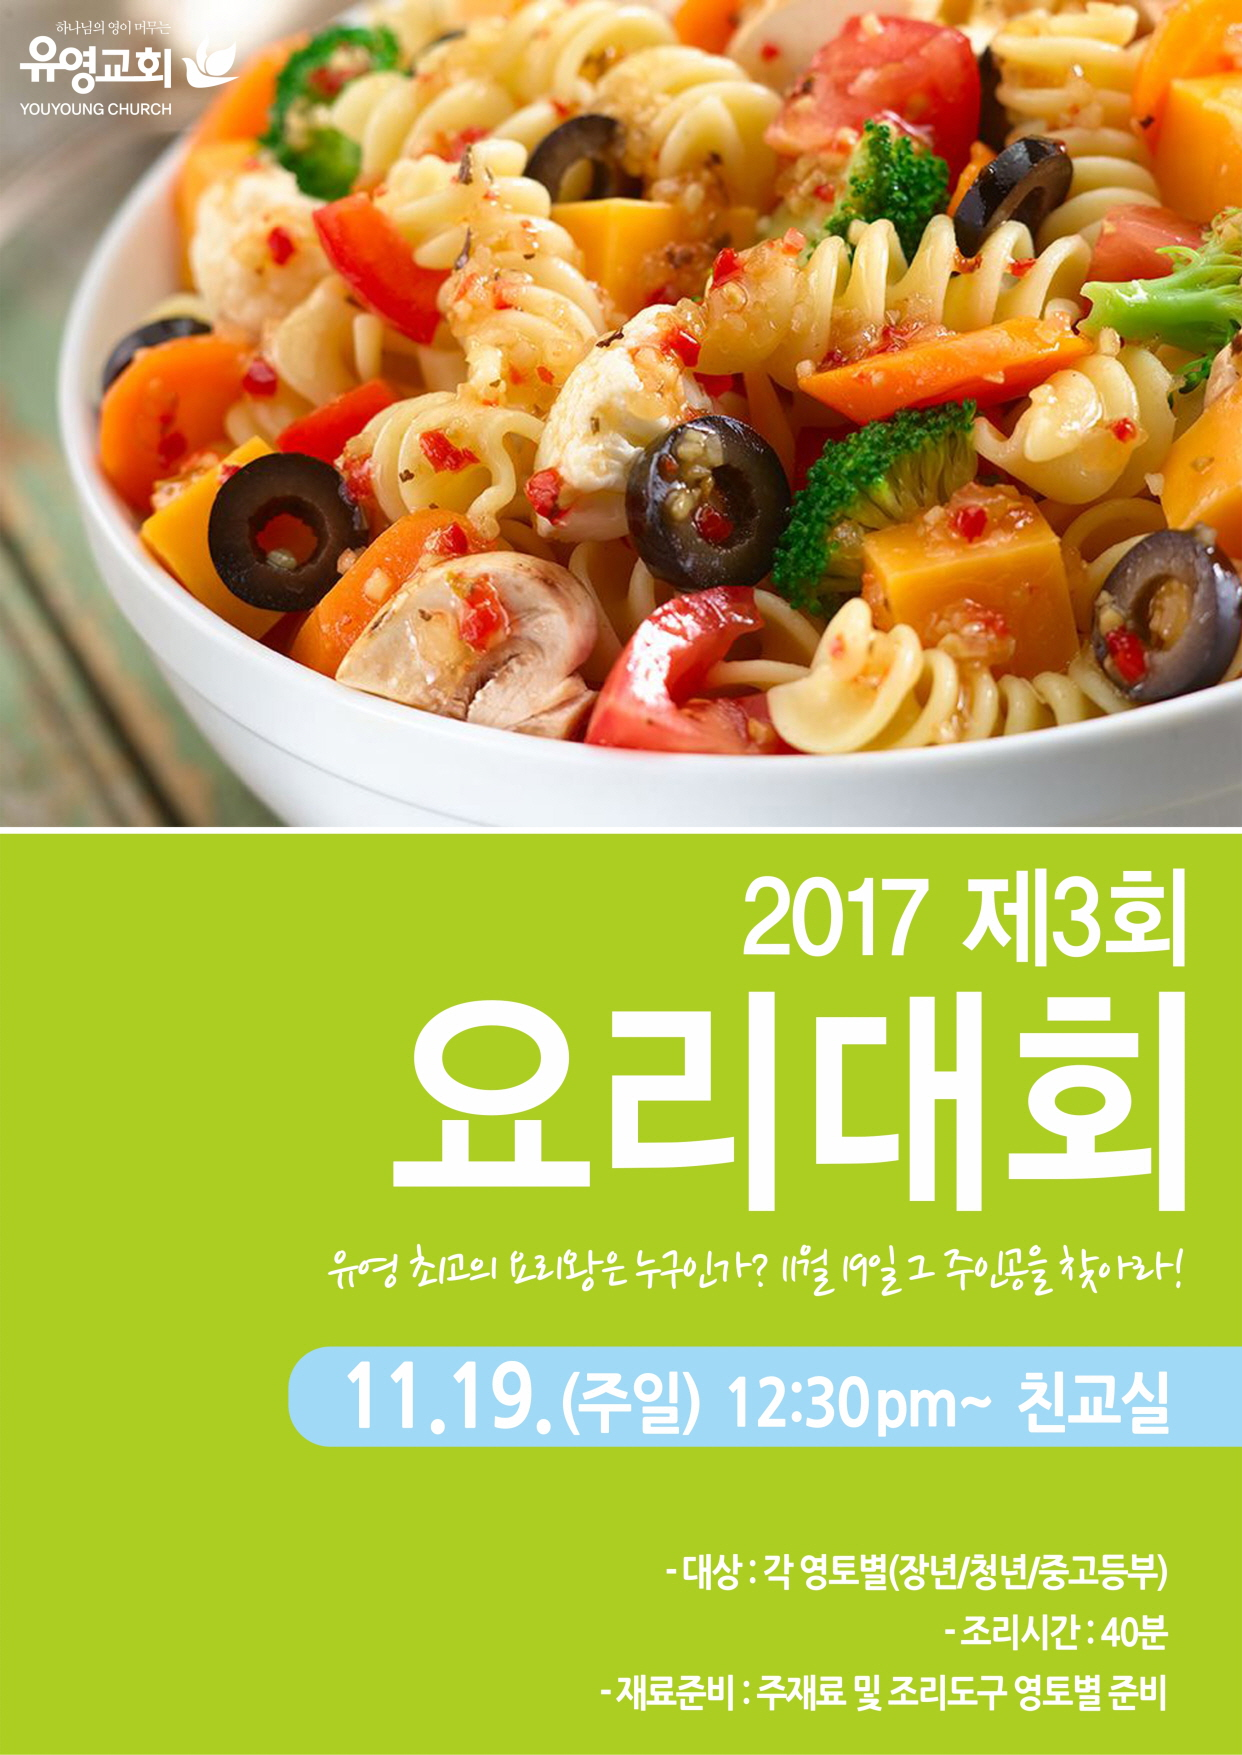 홈피용_2017 제3회 요리대회.jpg